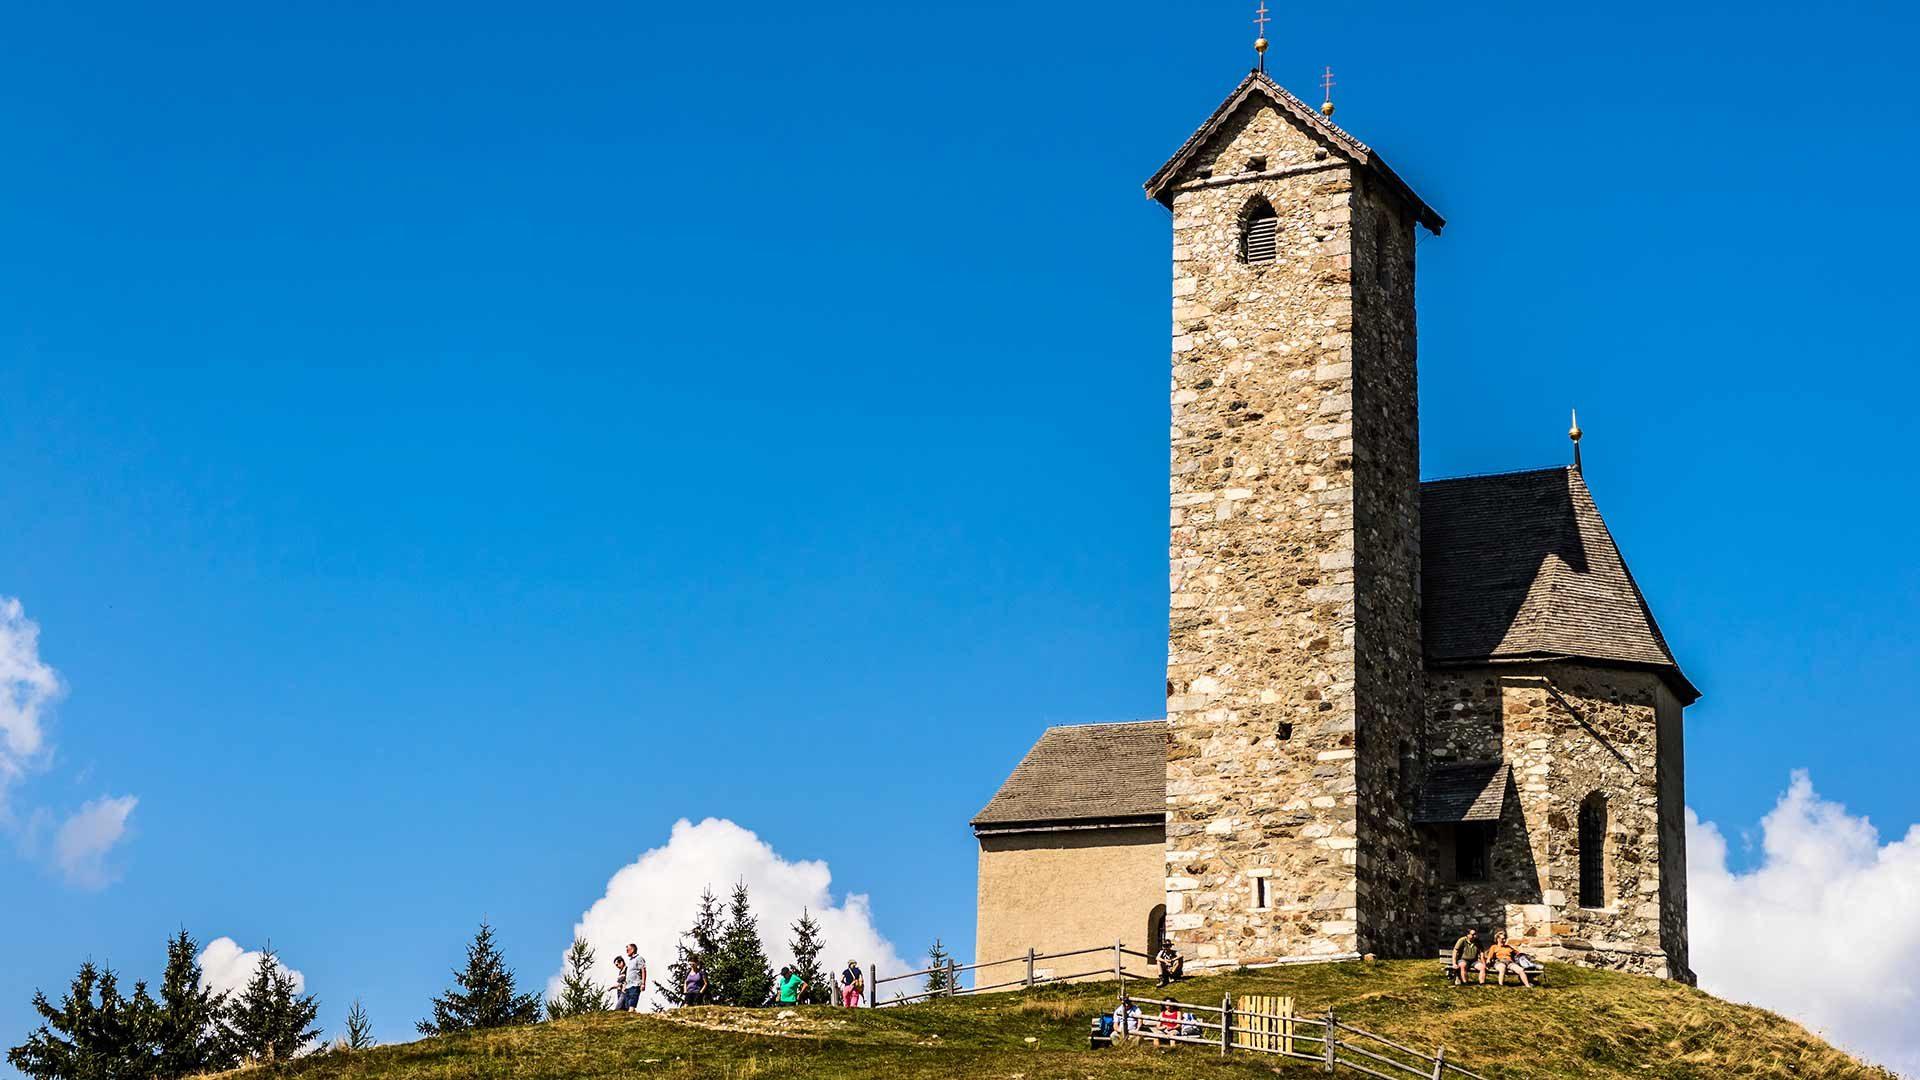 La chiesetta di San Vigilio a Monte San Vigilio